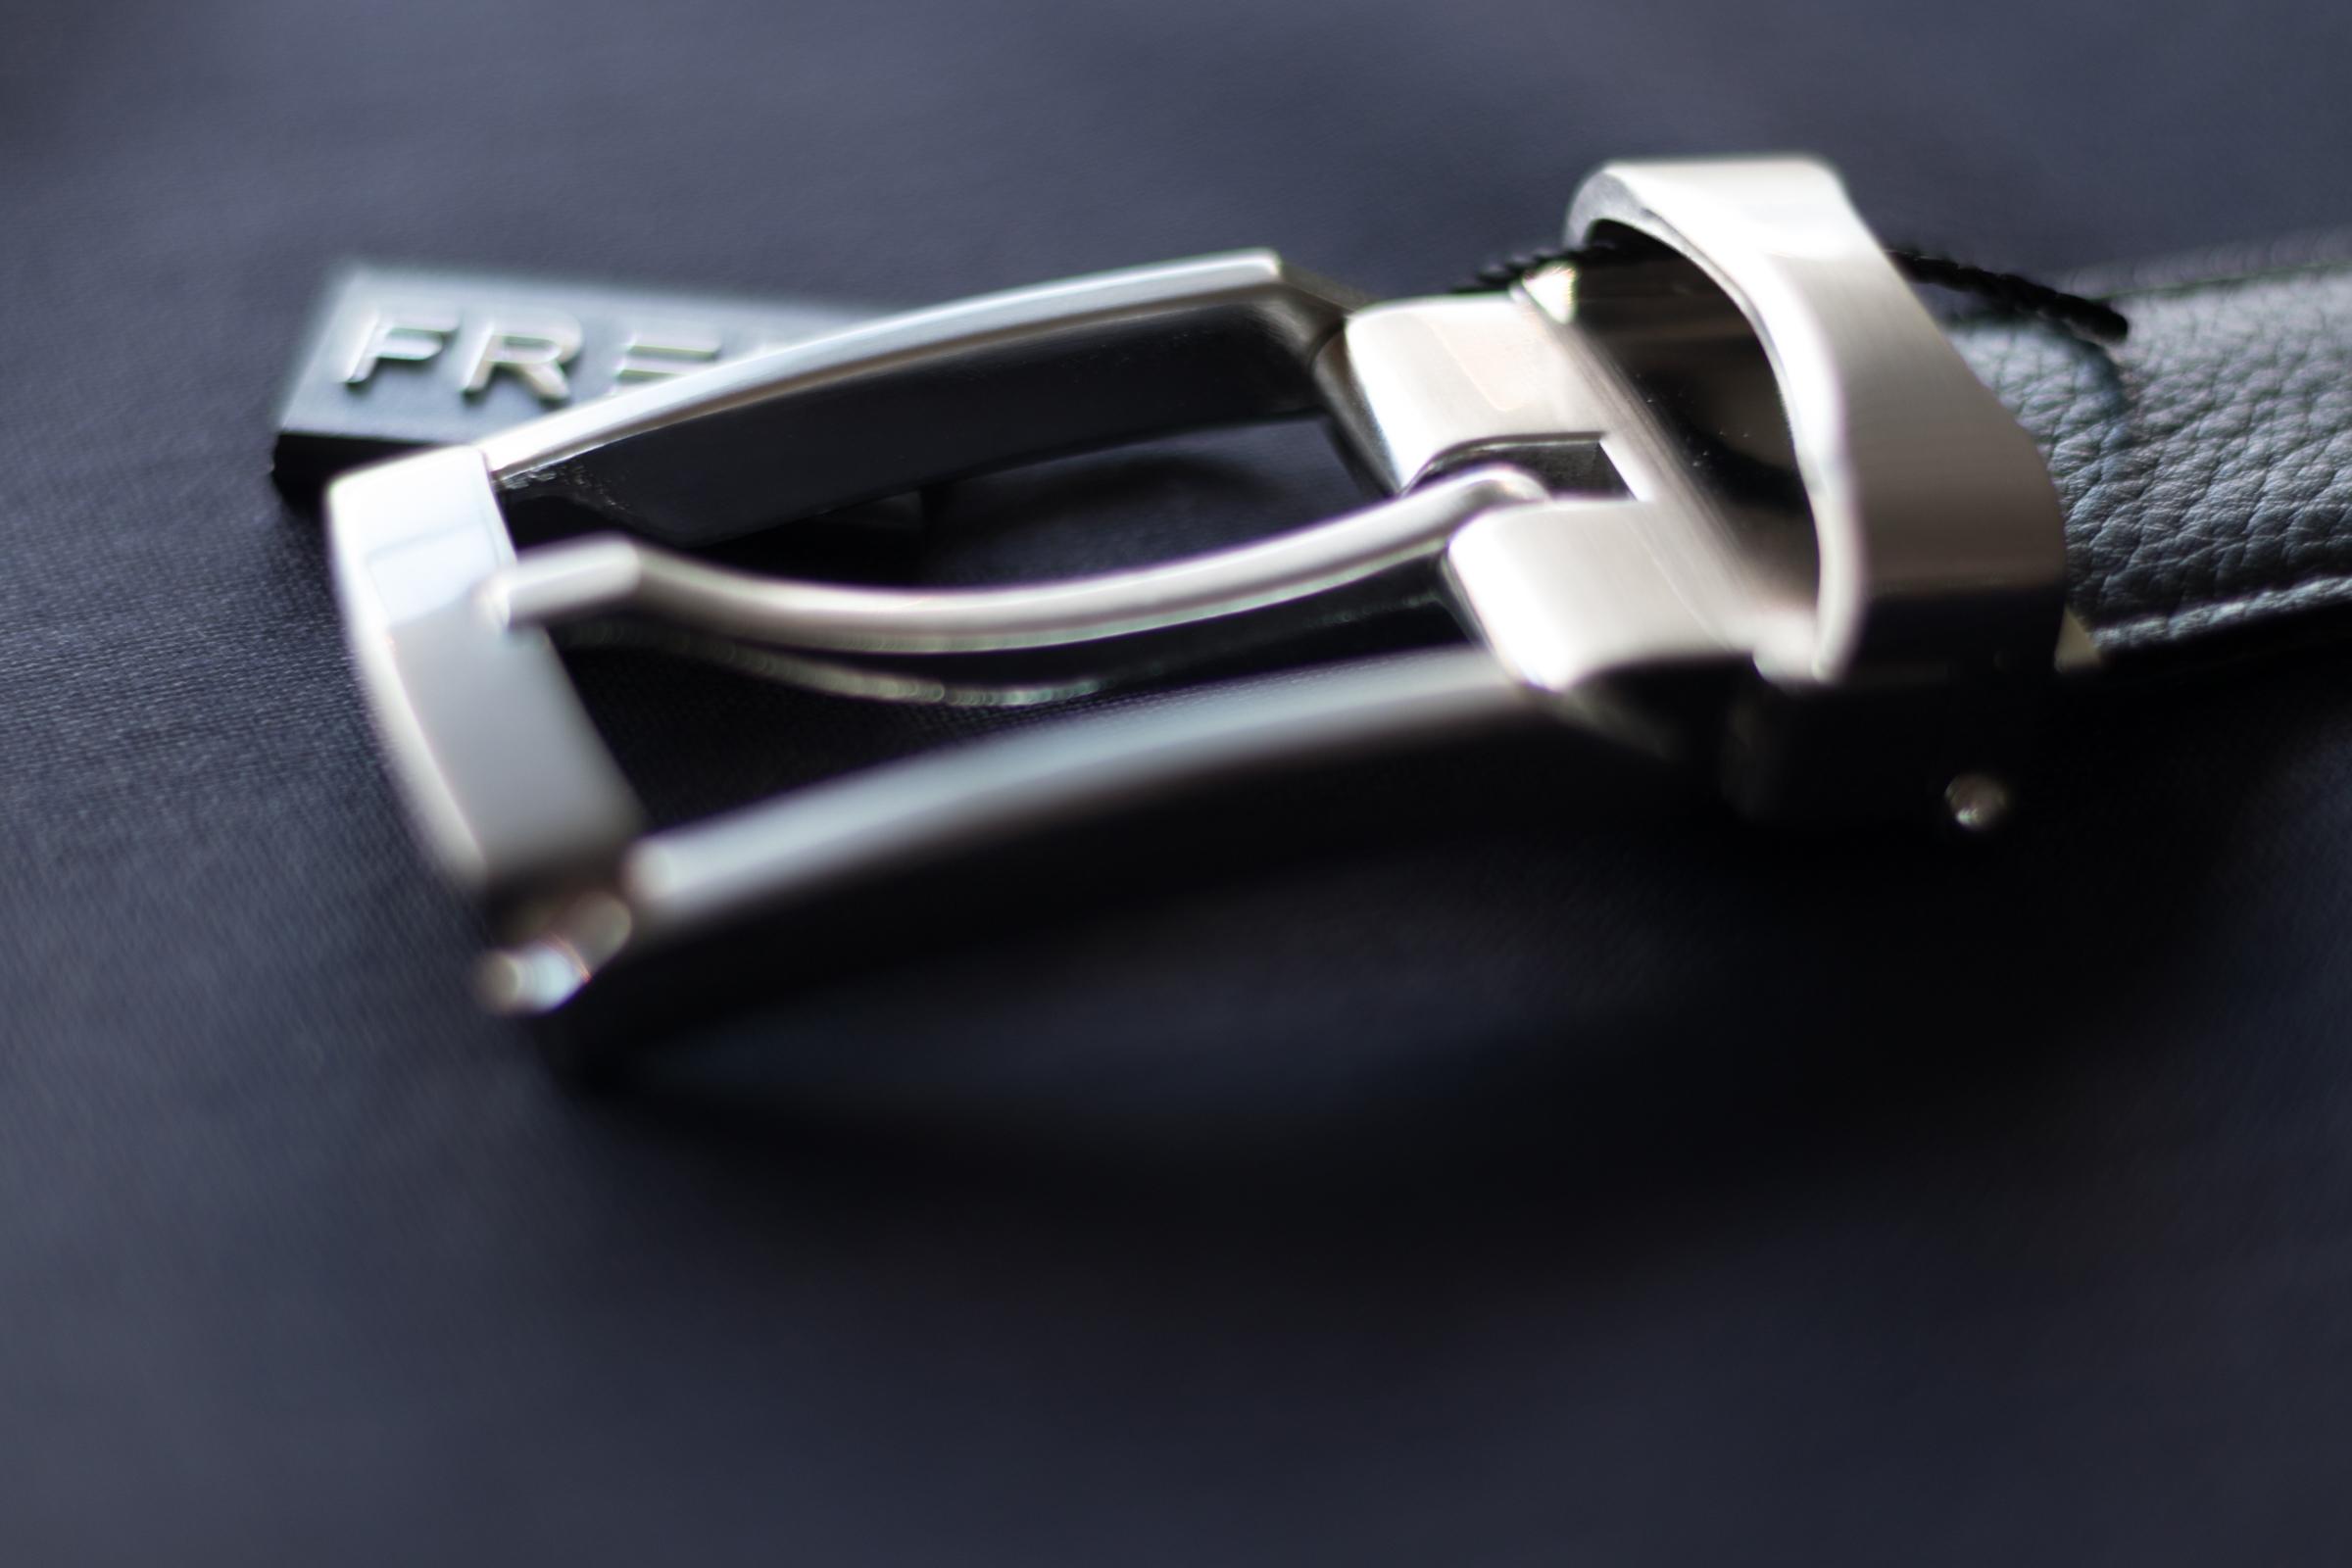 Gürtel - Der passende Gürtel darf nicht fehlen, vor allem, wenn er aus der Gürtelfabrik Frei stammt.